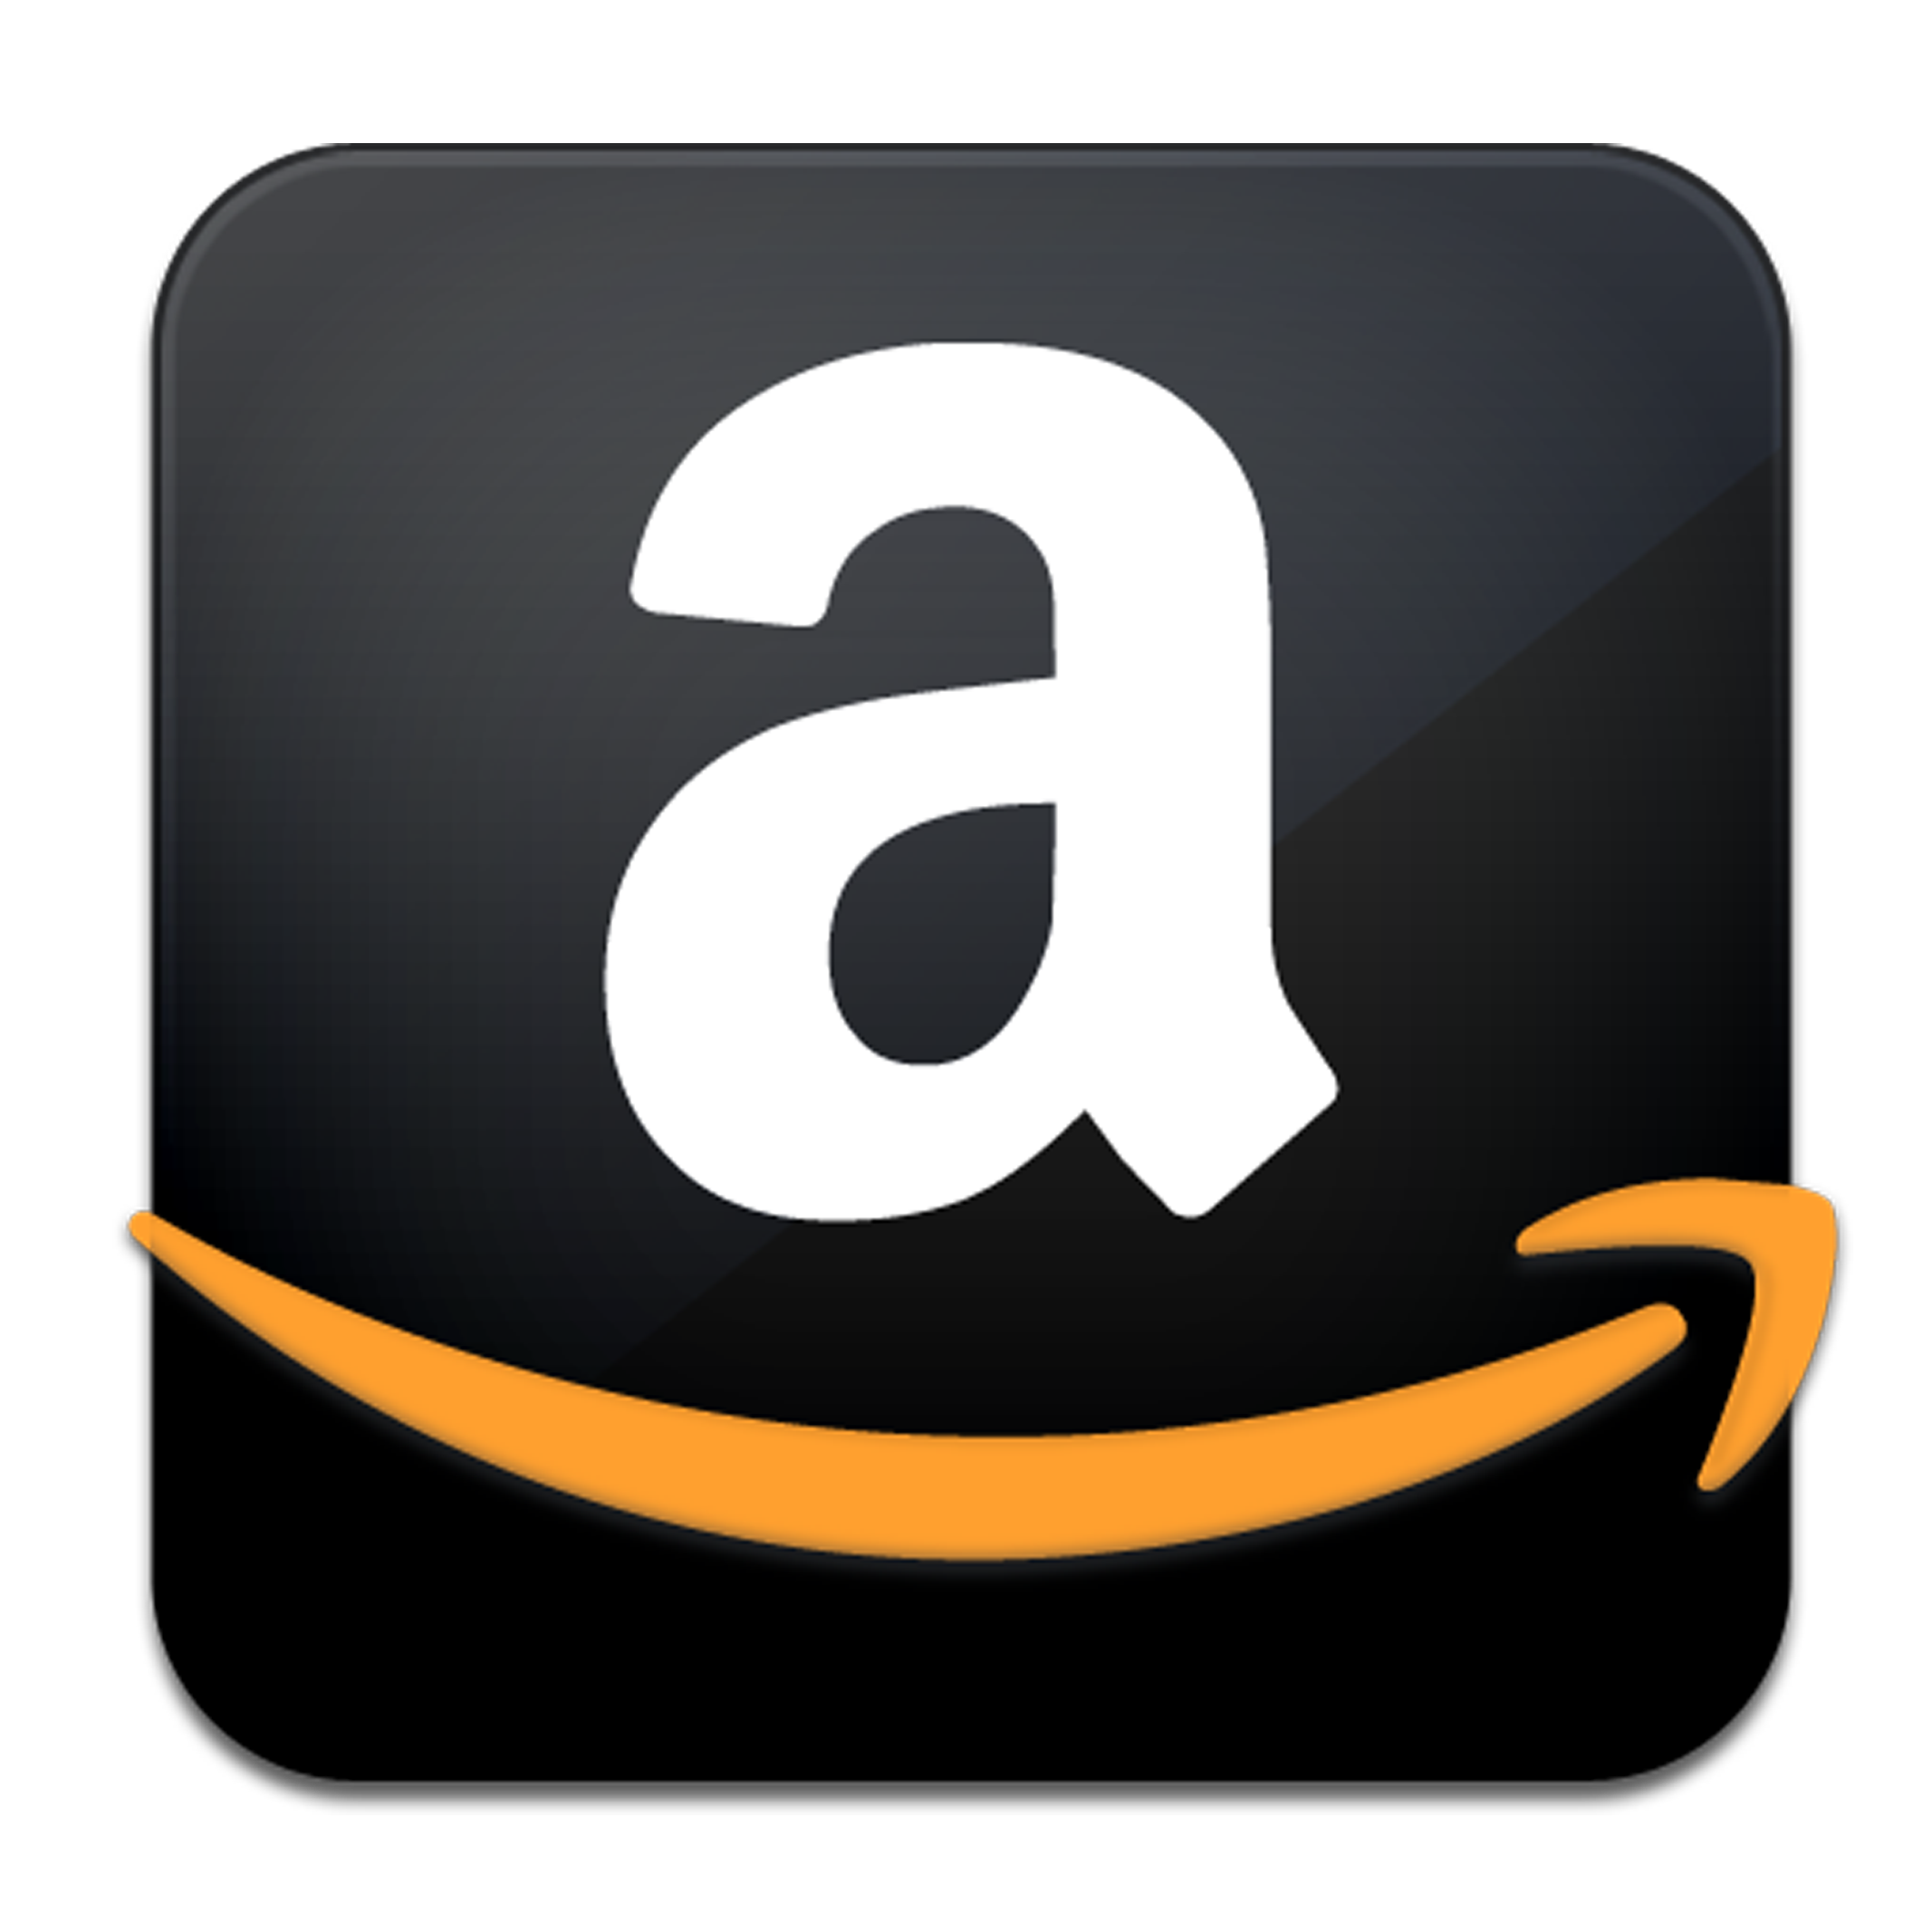 Amazon, solo fino a mezzanotte 10 euro di sconto ...